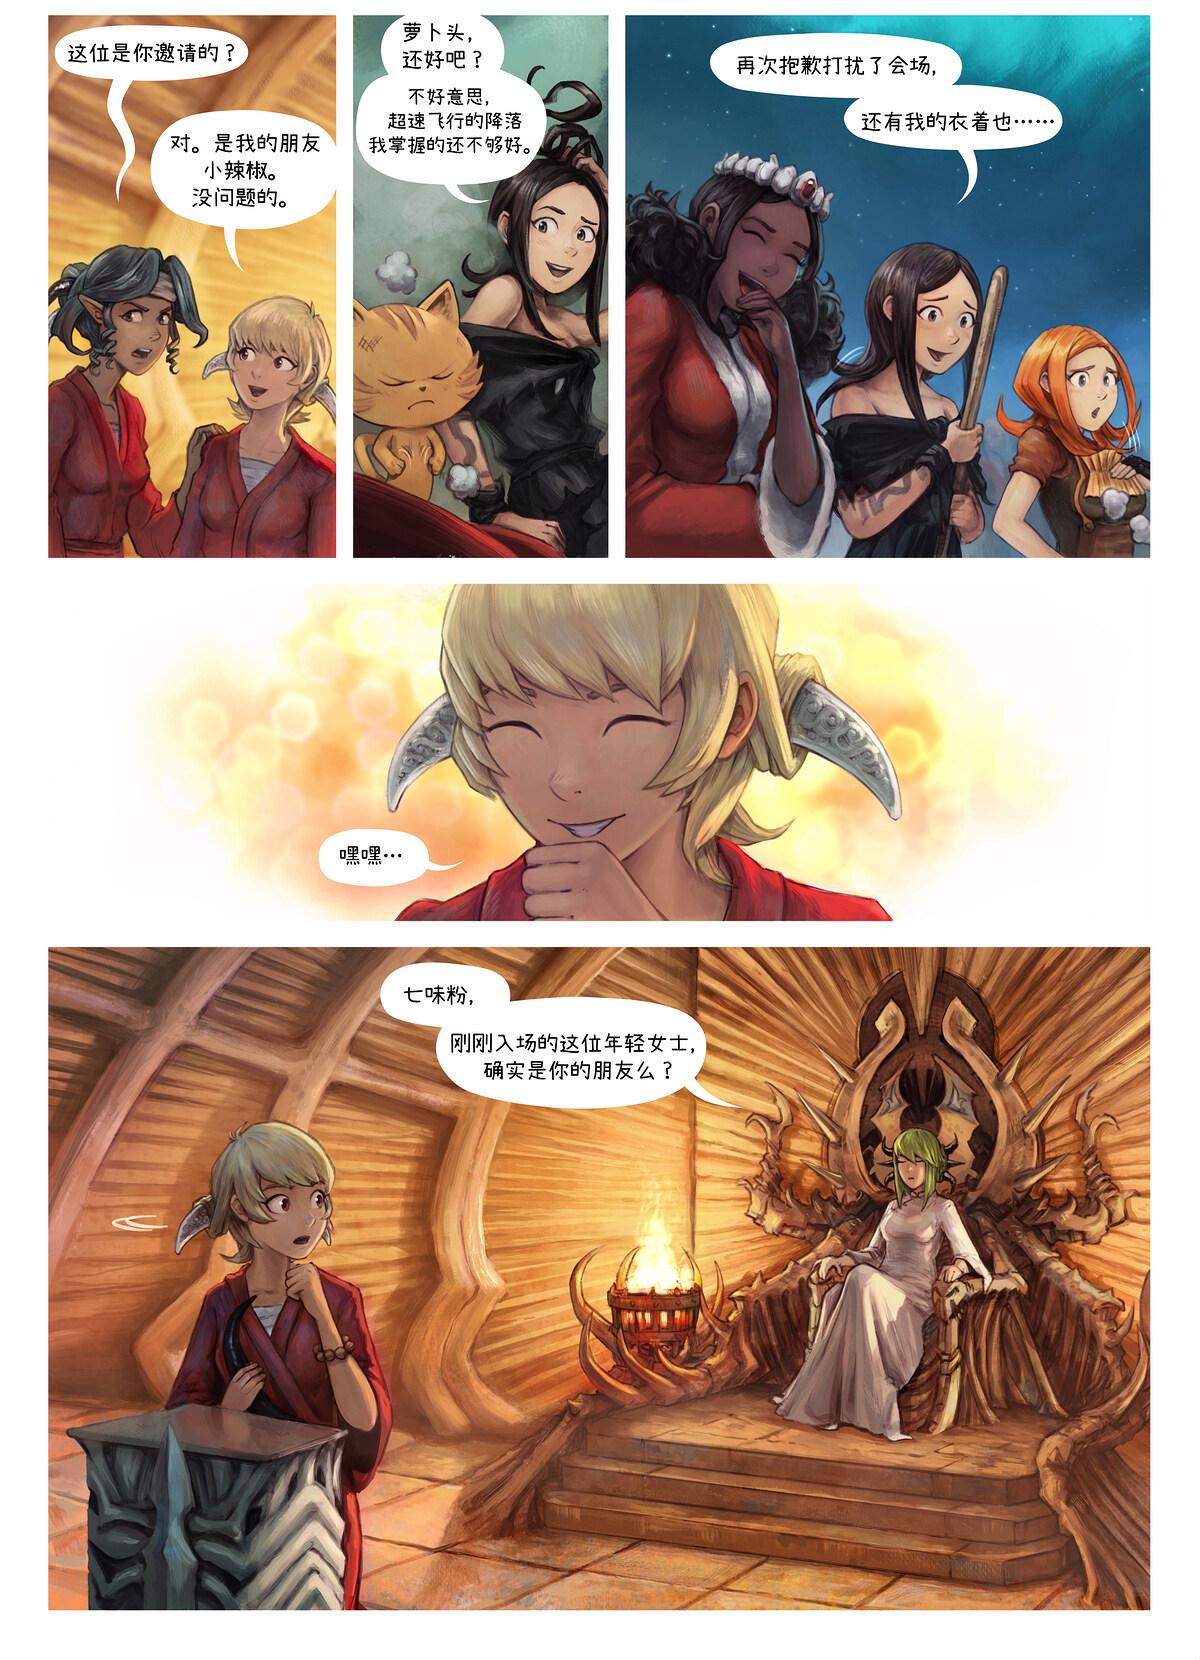 第34集:七味粉的册封仪式, Page 3